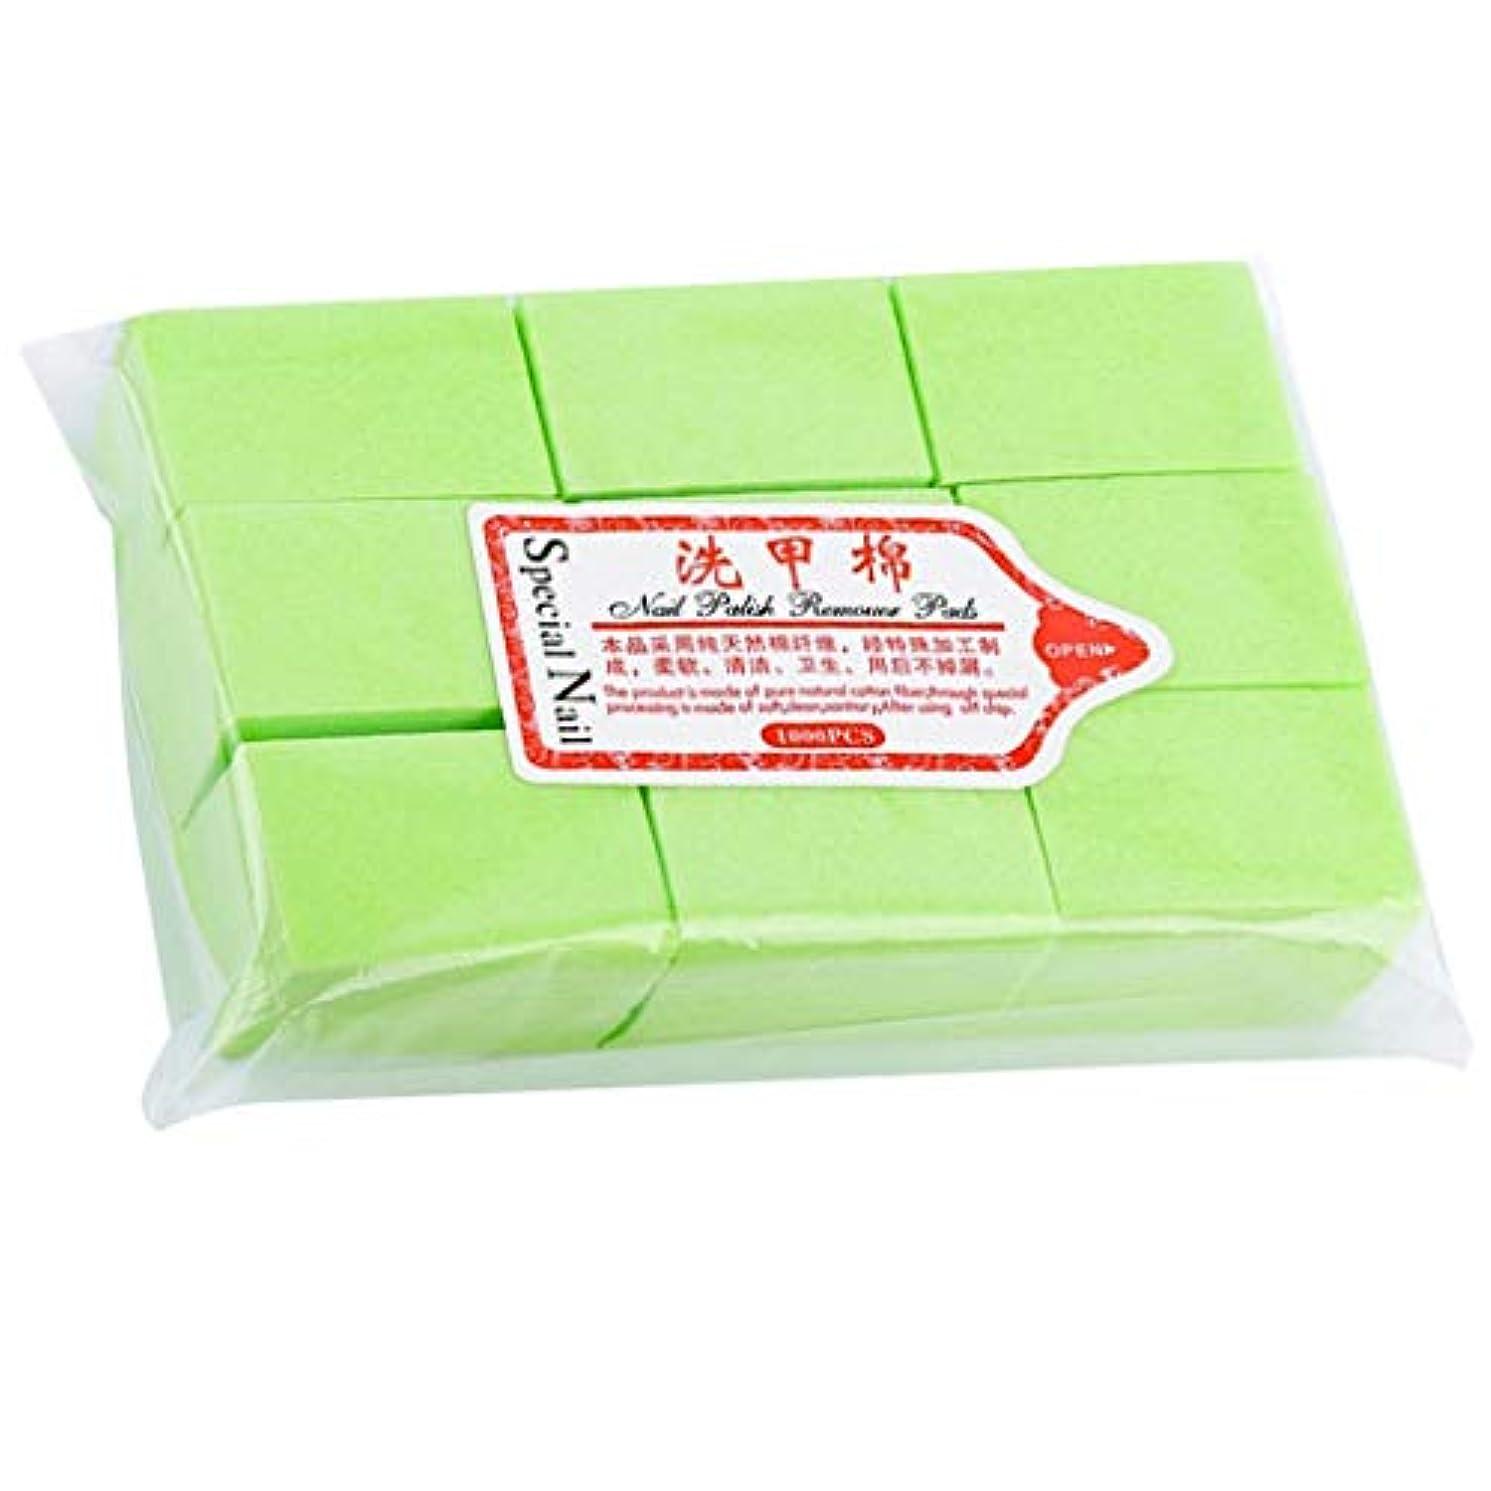 スキャンダラス多用途カップPerfeclan ネイルワイプ コットンパッド 使い捨て ネイルポリッシュリムーバー パッド マニキュア 全4色 - グリーン